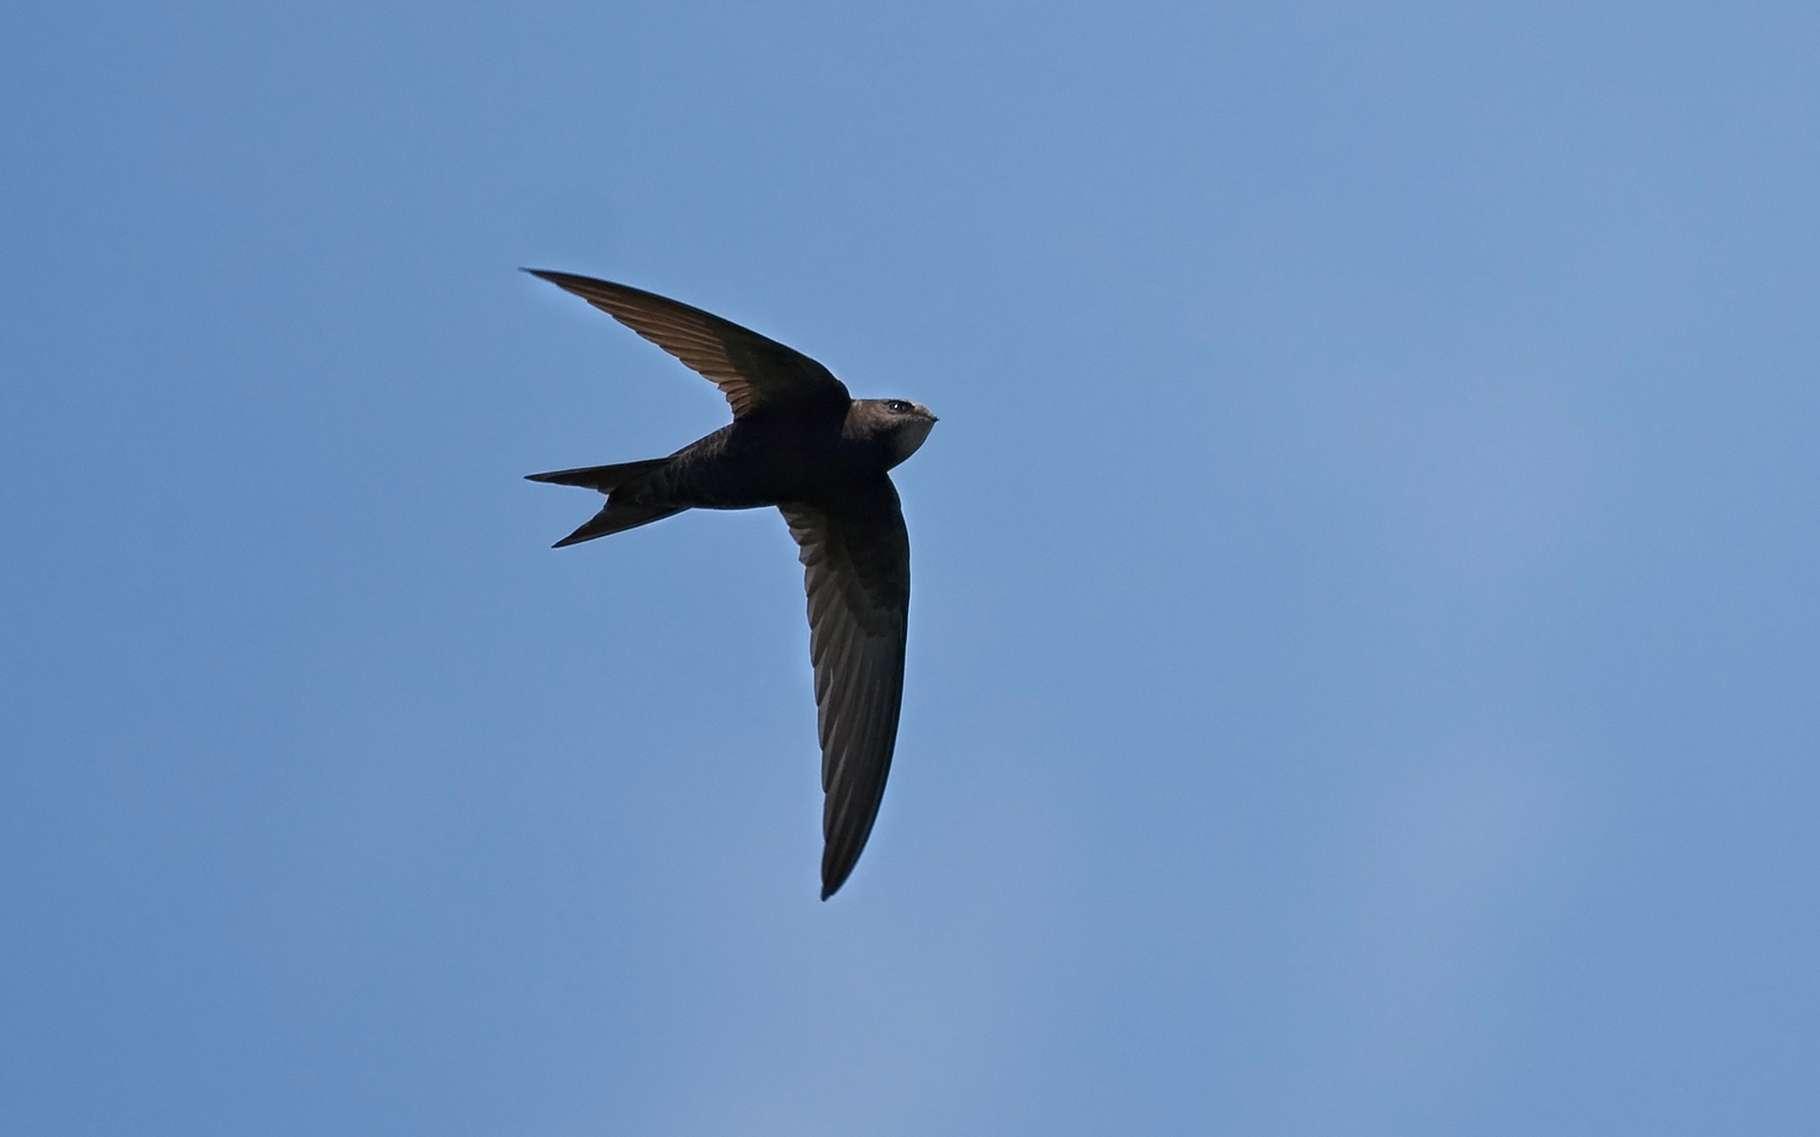 Le martinet noir est le seul oiseau connu soupçonné de dormir en volant. © Sokolov Alexey, Shutterstock